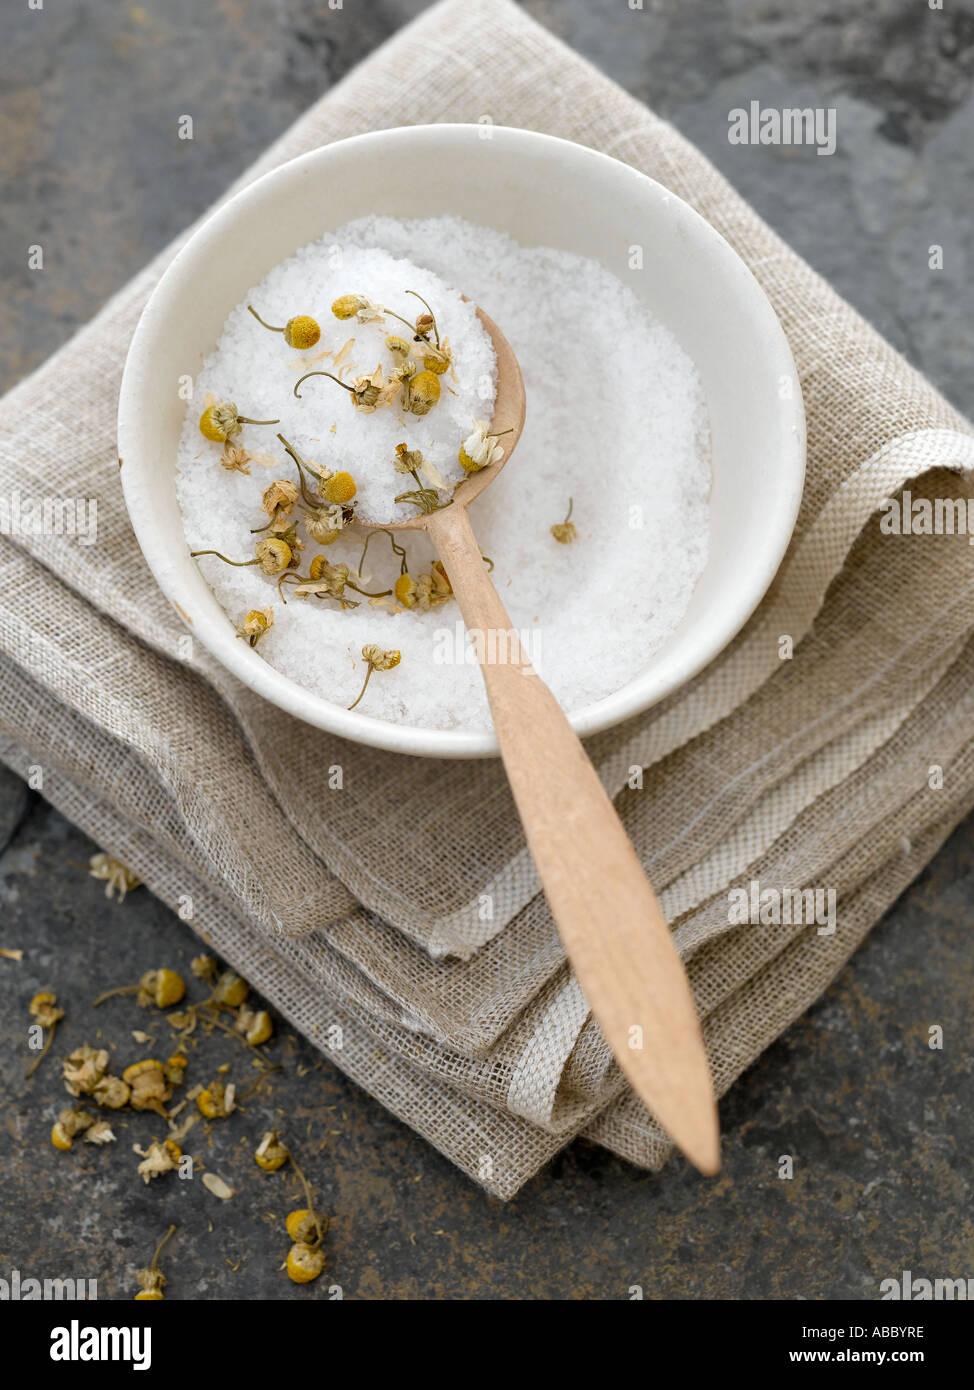 Bagno naturale sali con fiori di camomilla essiccata - fascia alta Hasselblad 61mb di immagine digitale Immagini Stock